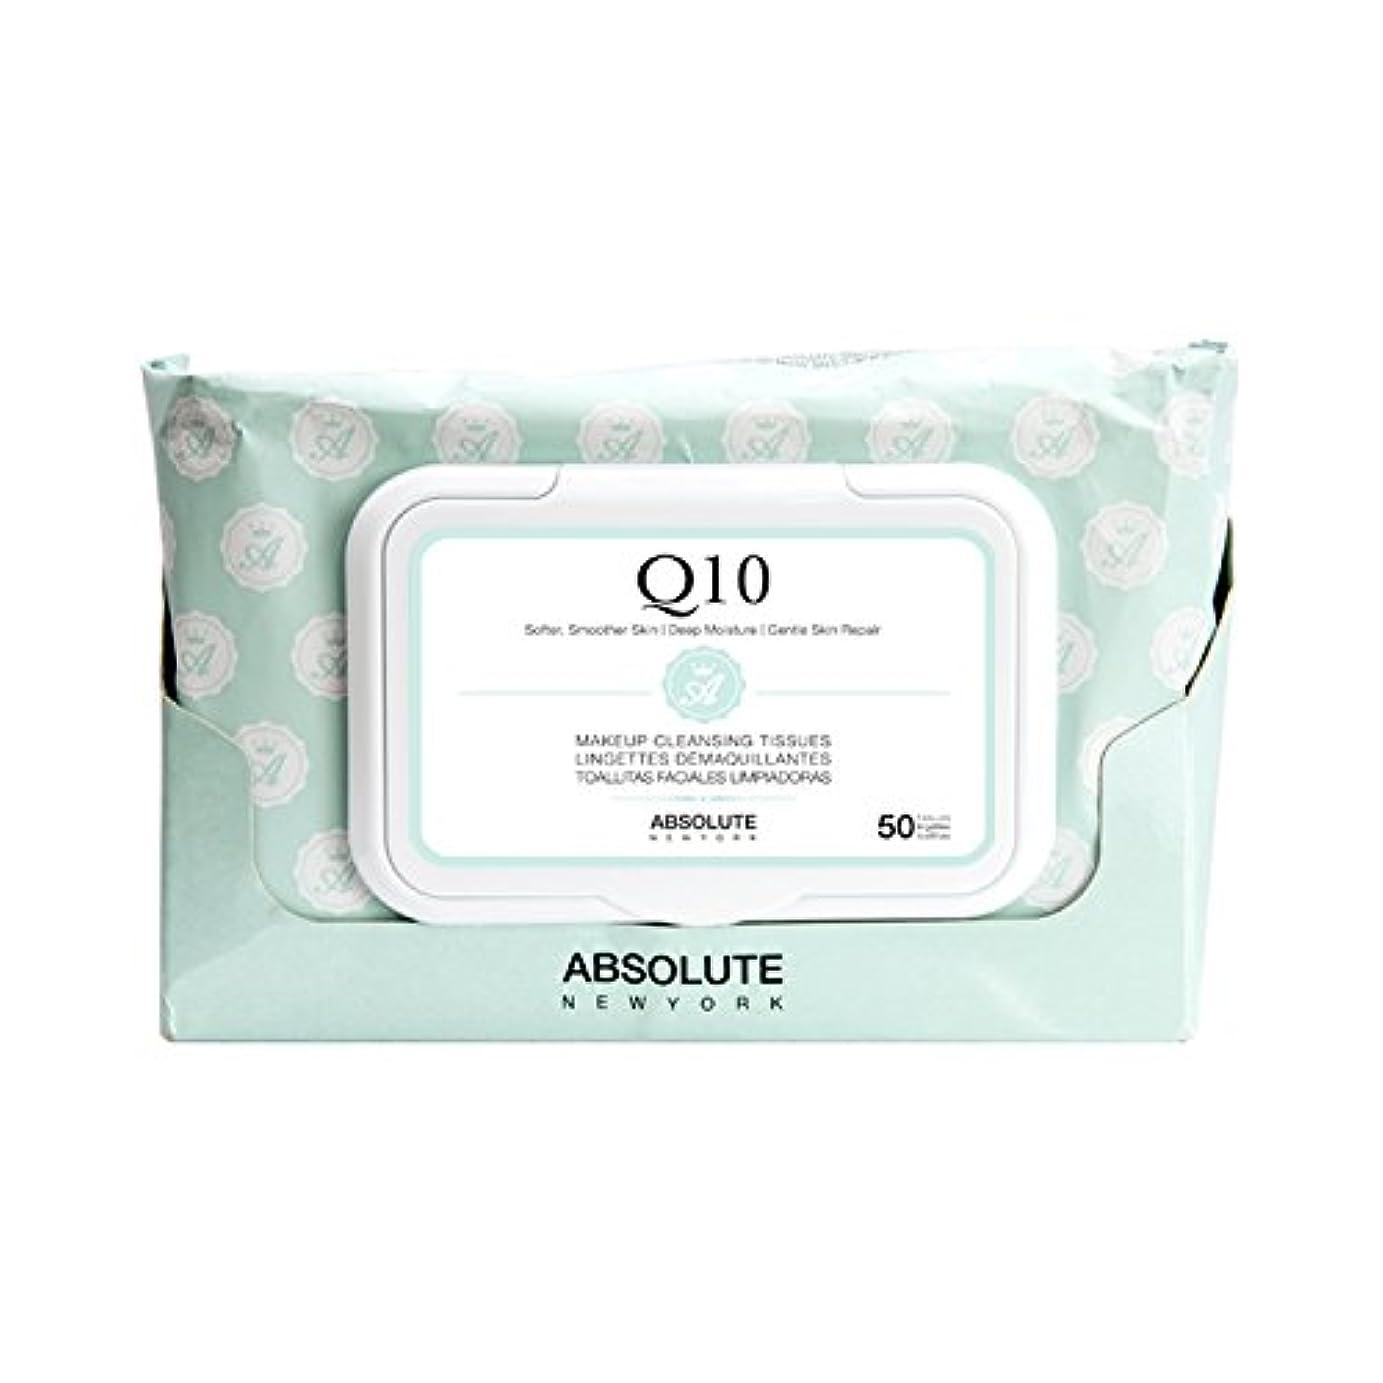 郡それぞれマーチャンダイザーABSOLUTE Makeup Cleansing Tissue 50CT - Q10 (並行輸入品)